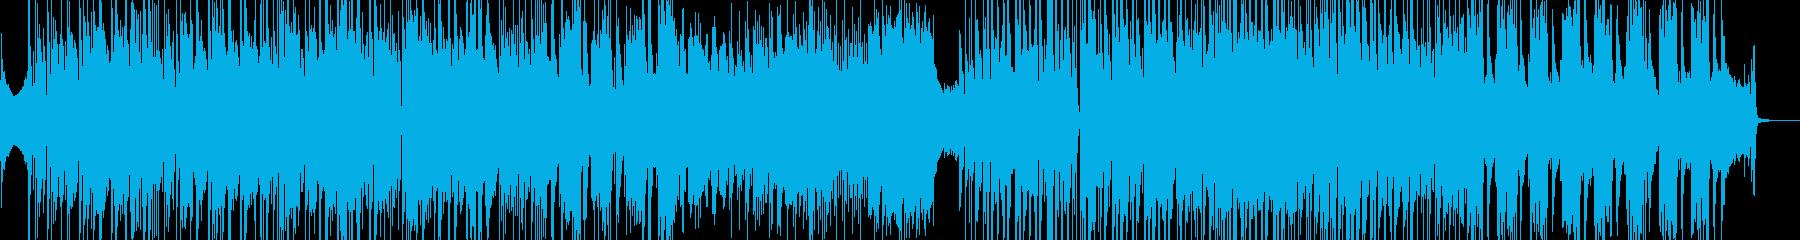 後半から高速・オシャレなビート感 短尺の再生済みの波形